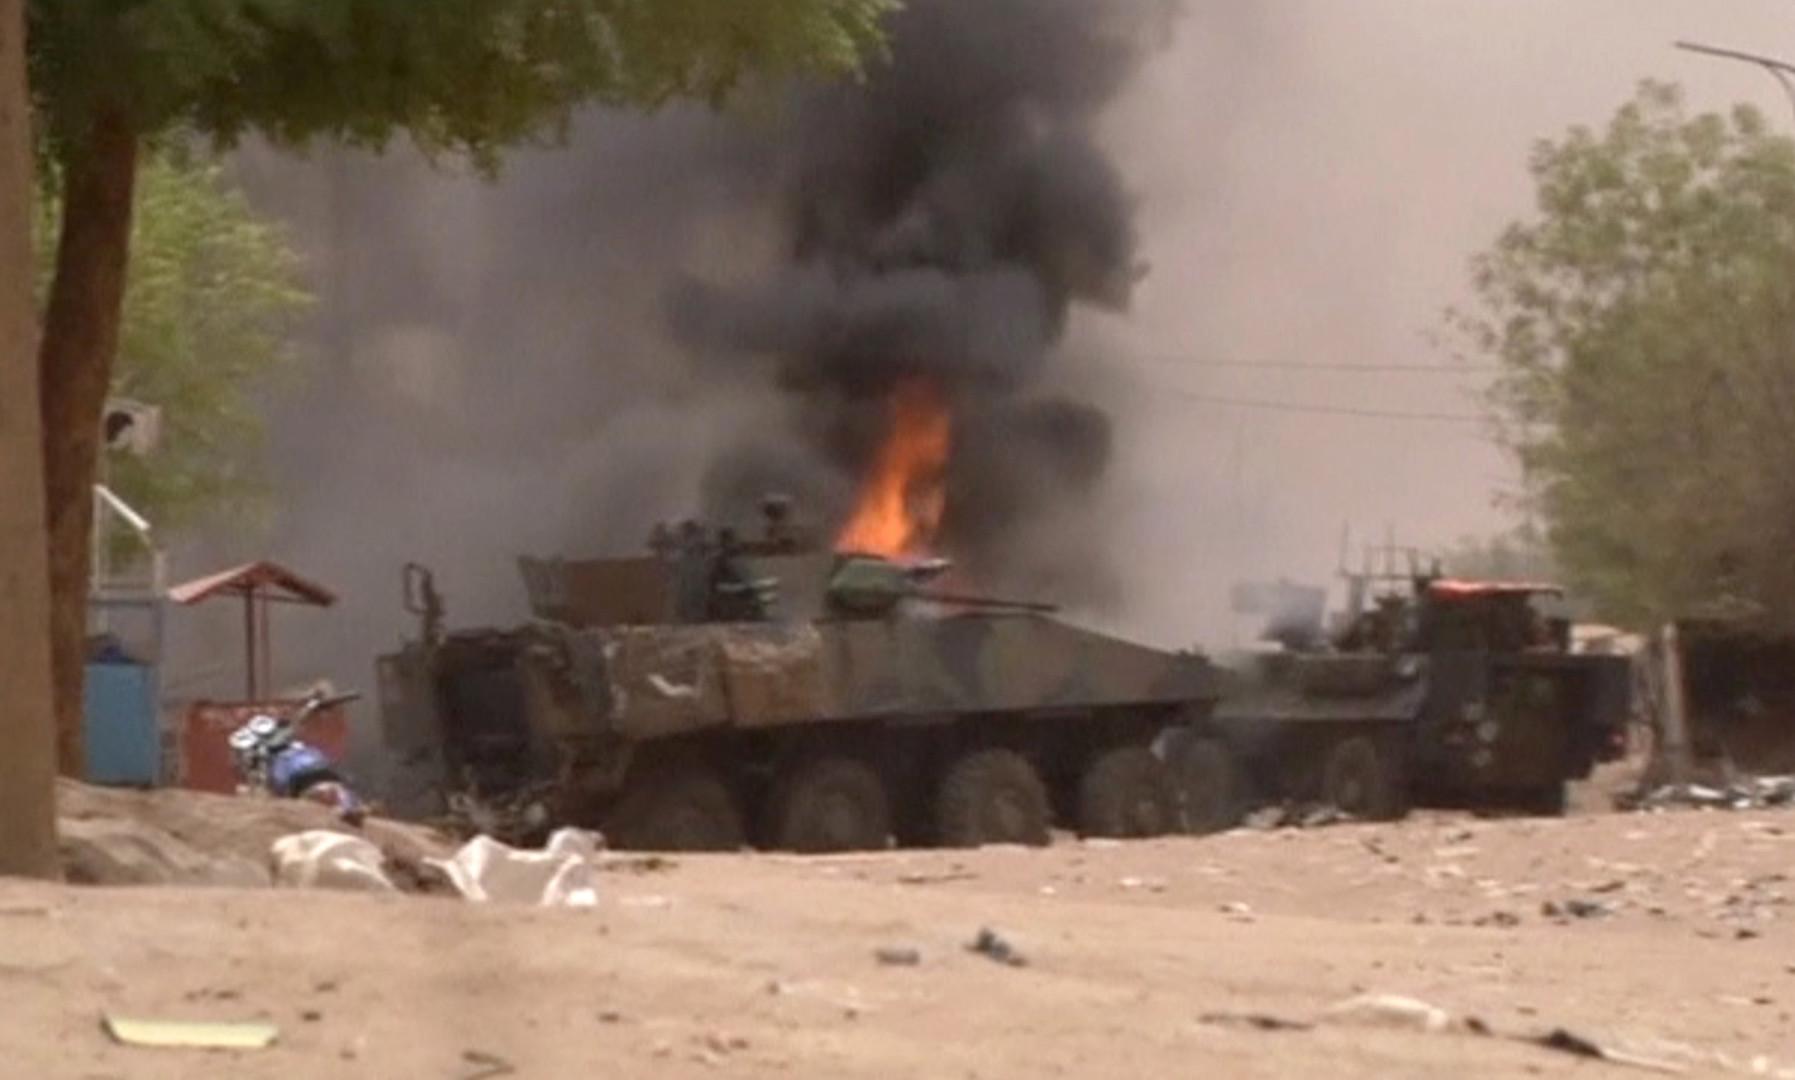 Französische Soldaten bei Attacke in Mali verletzt